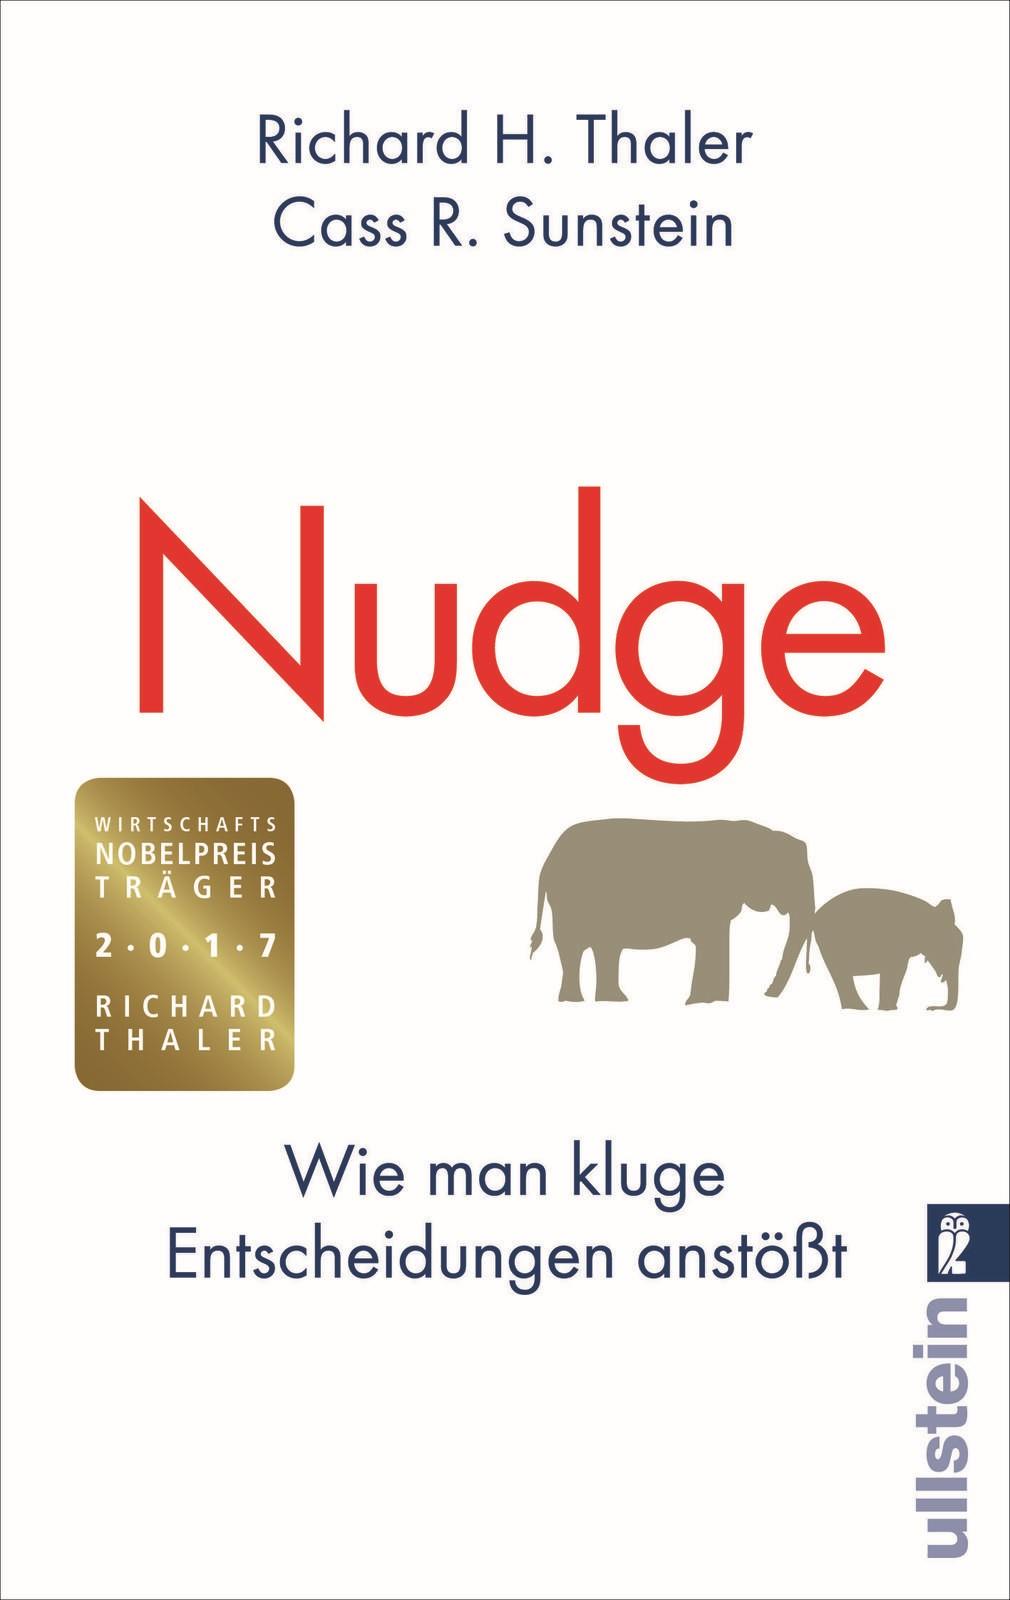 © Ullstein Buchverlage GmbH